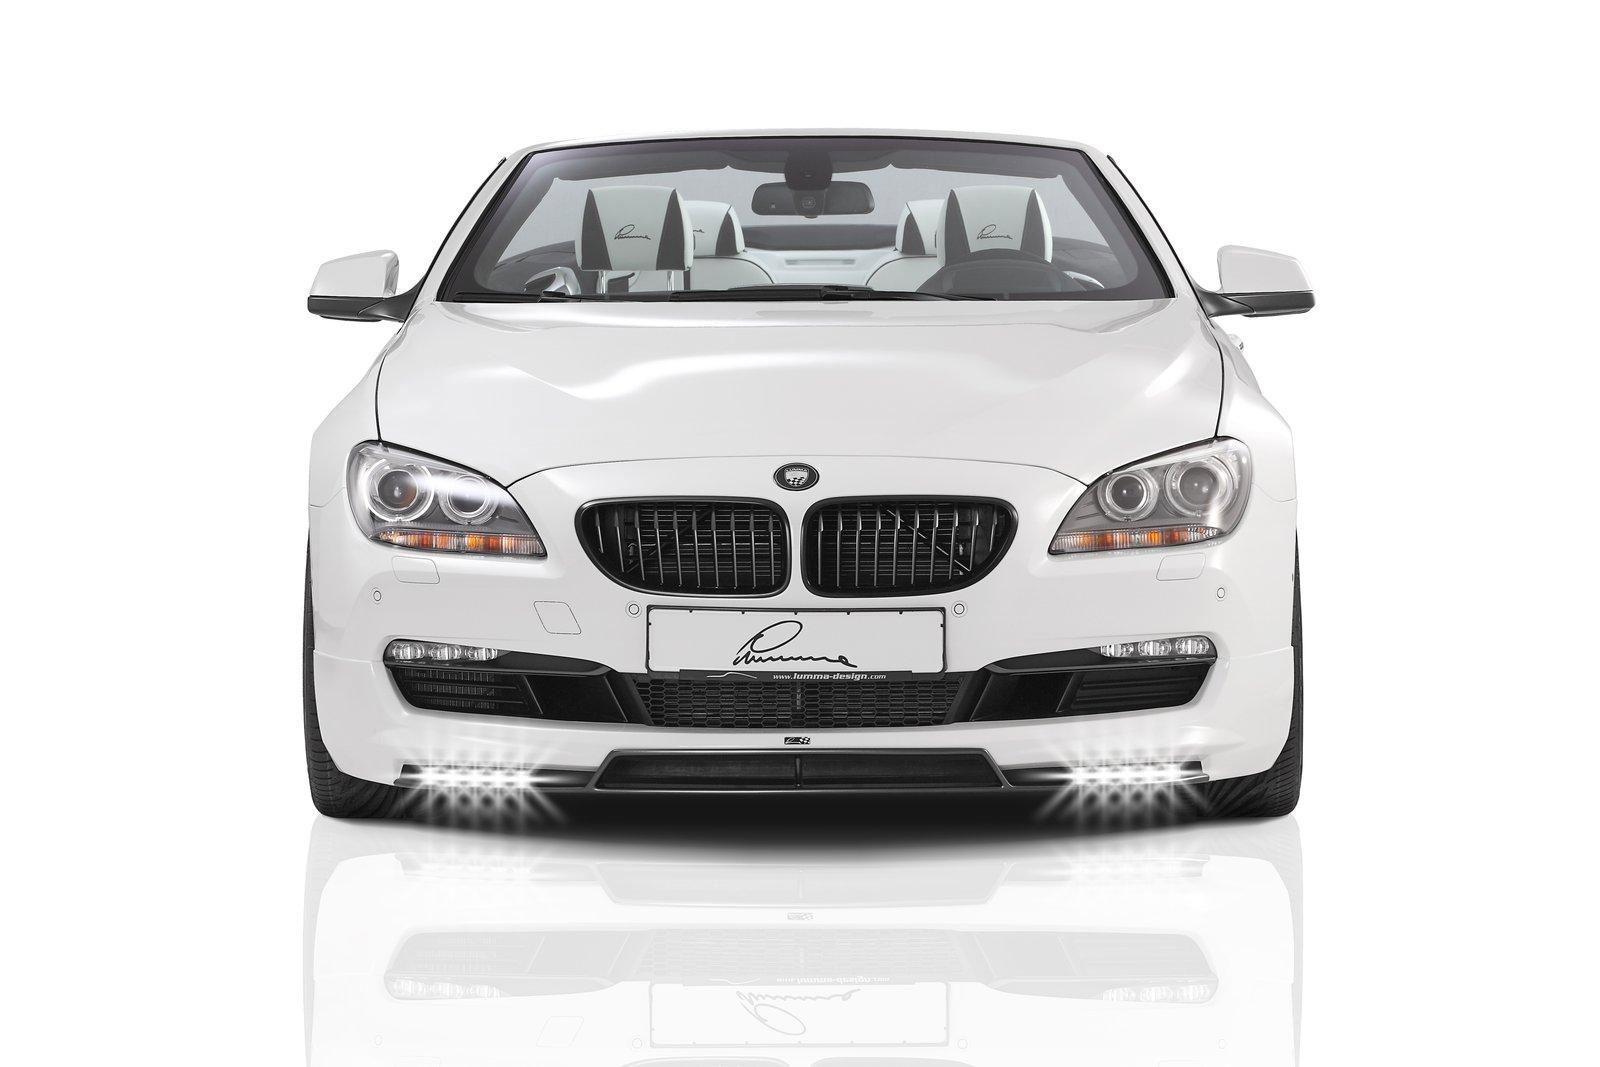 BMW 650i Cabriolet jako CLR 600 GT od Lumma Design 2